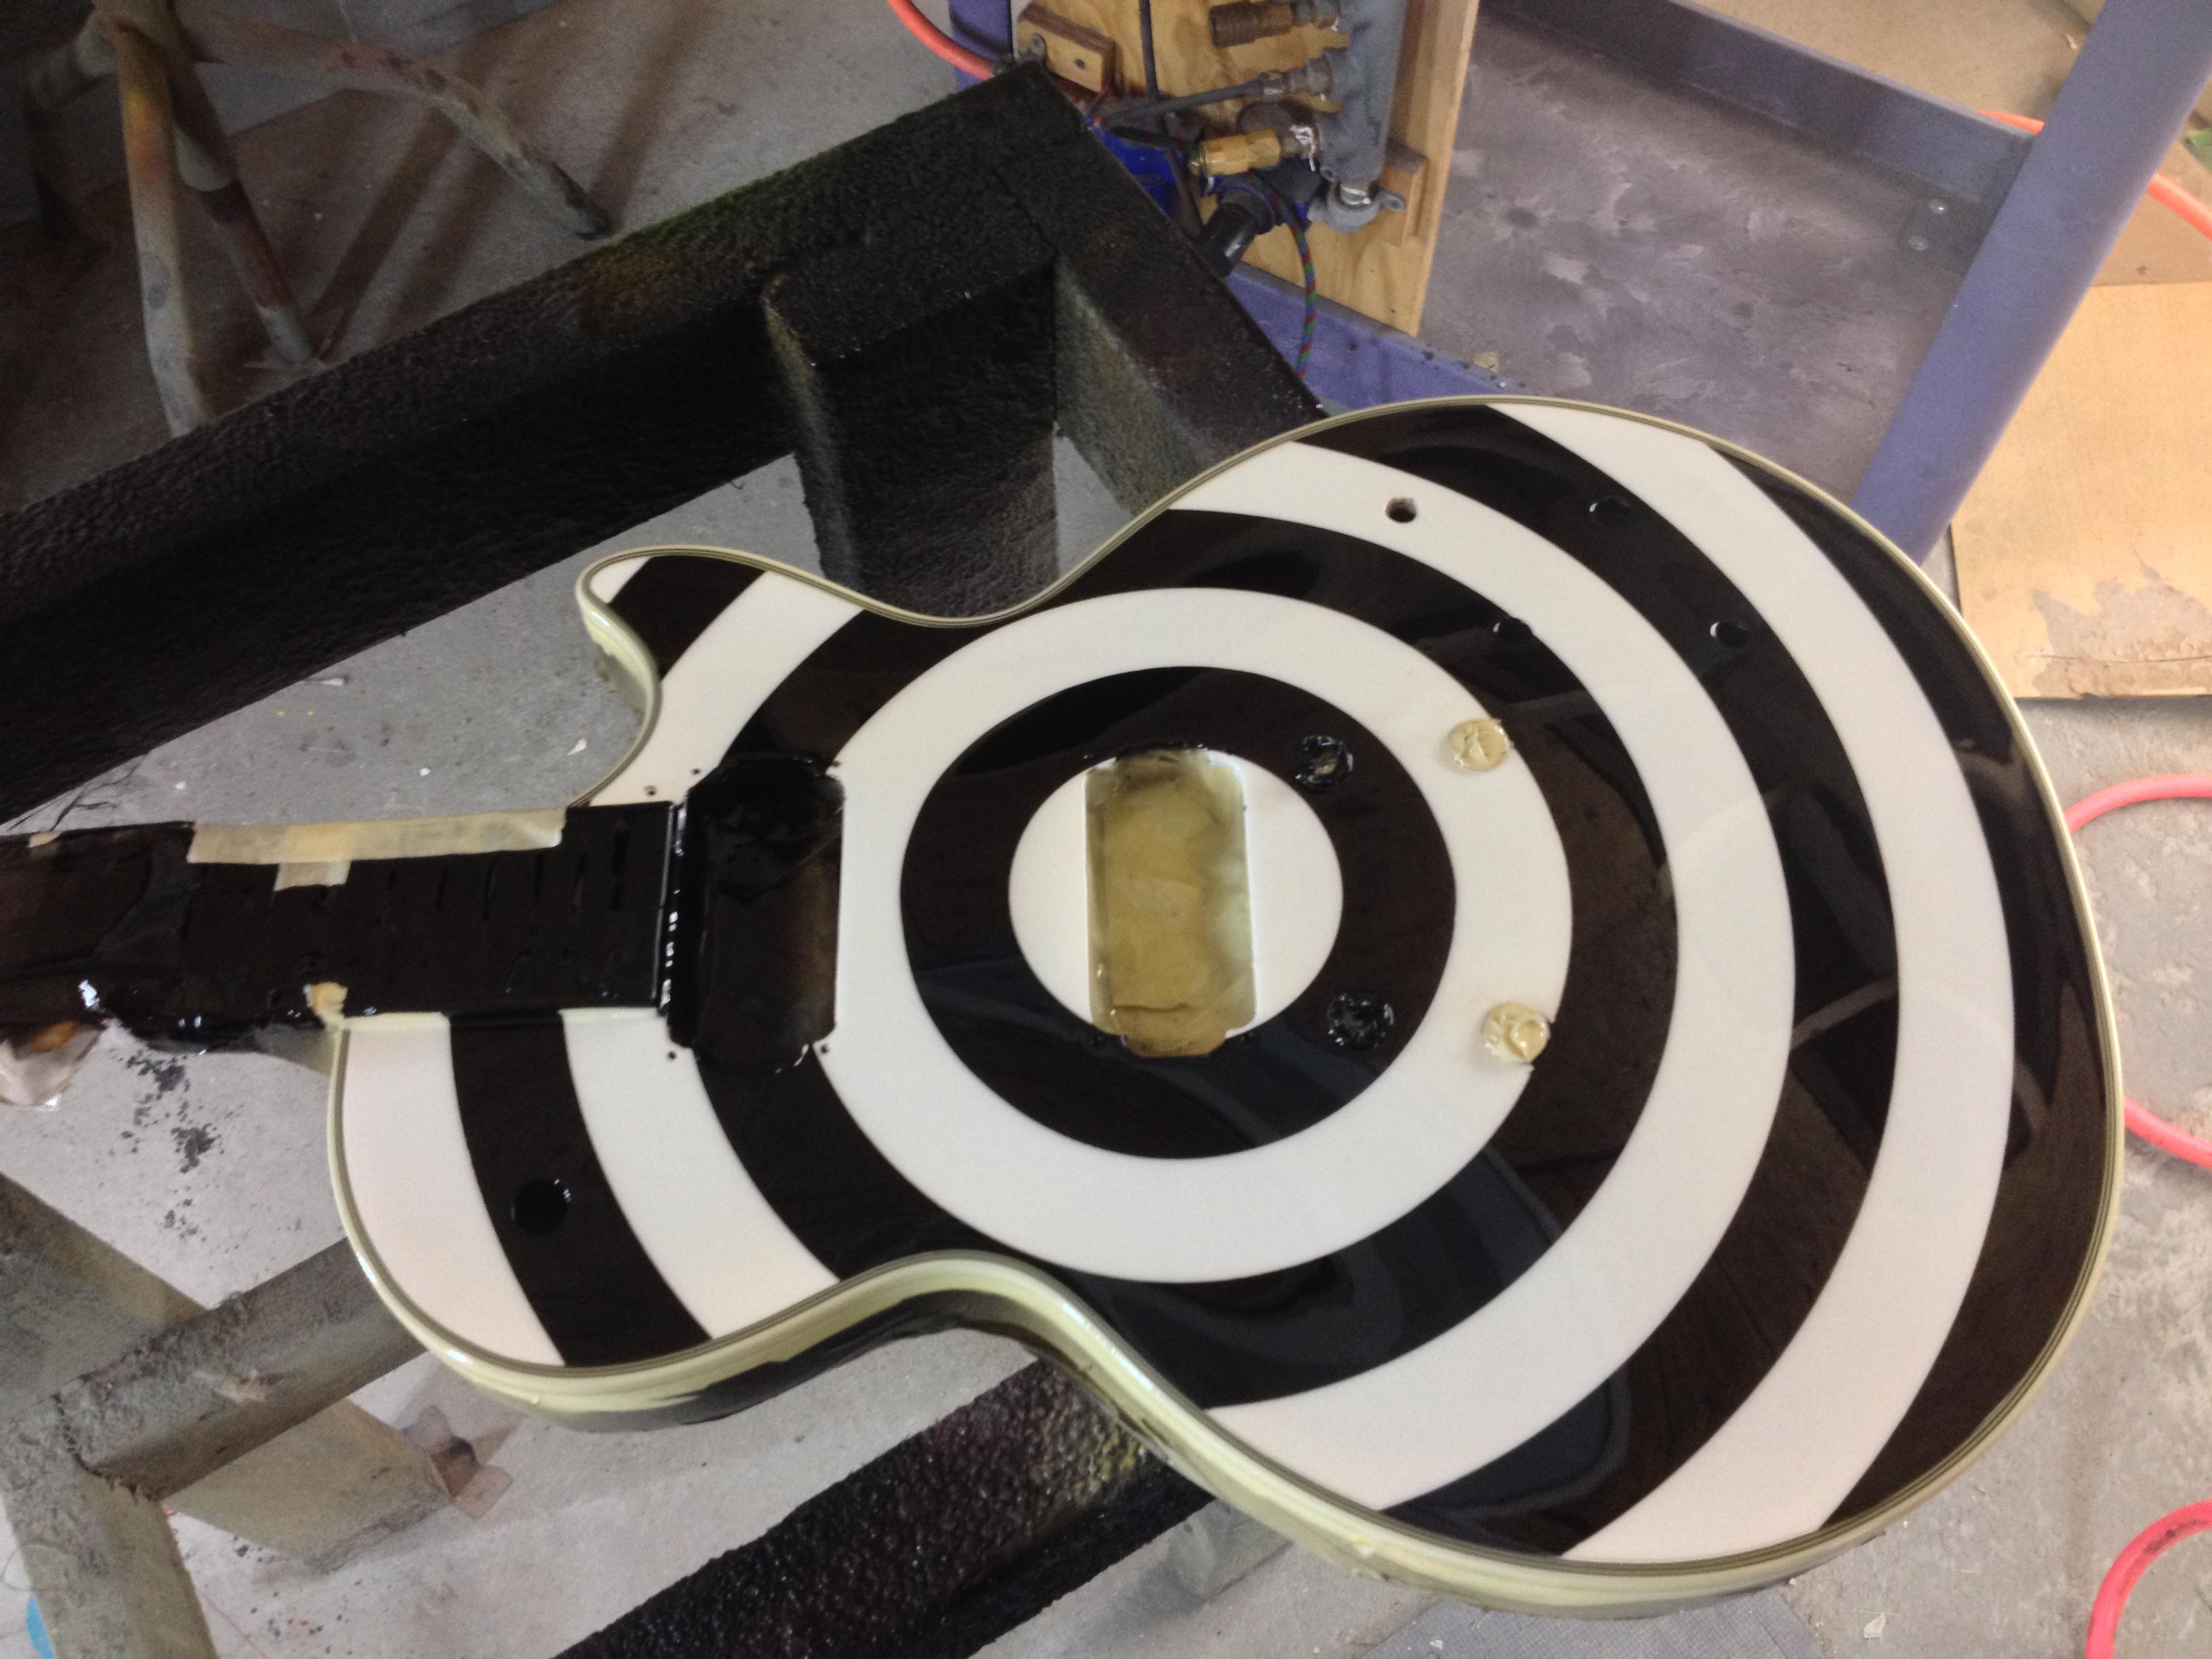 Guitar-Greg-Cassell-Zakk-Wylde-black-white-Replica-Epiphone (2)